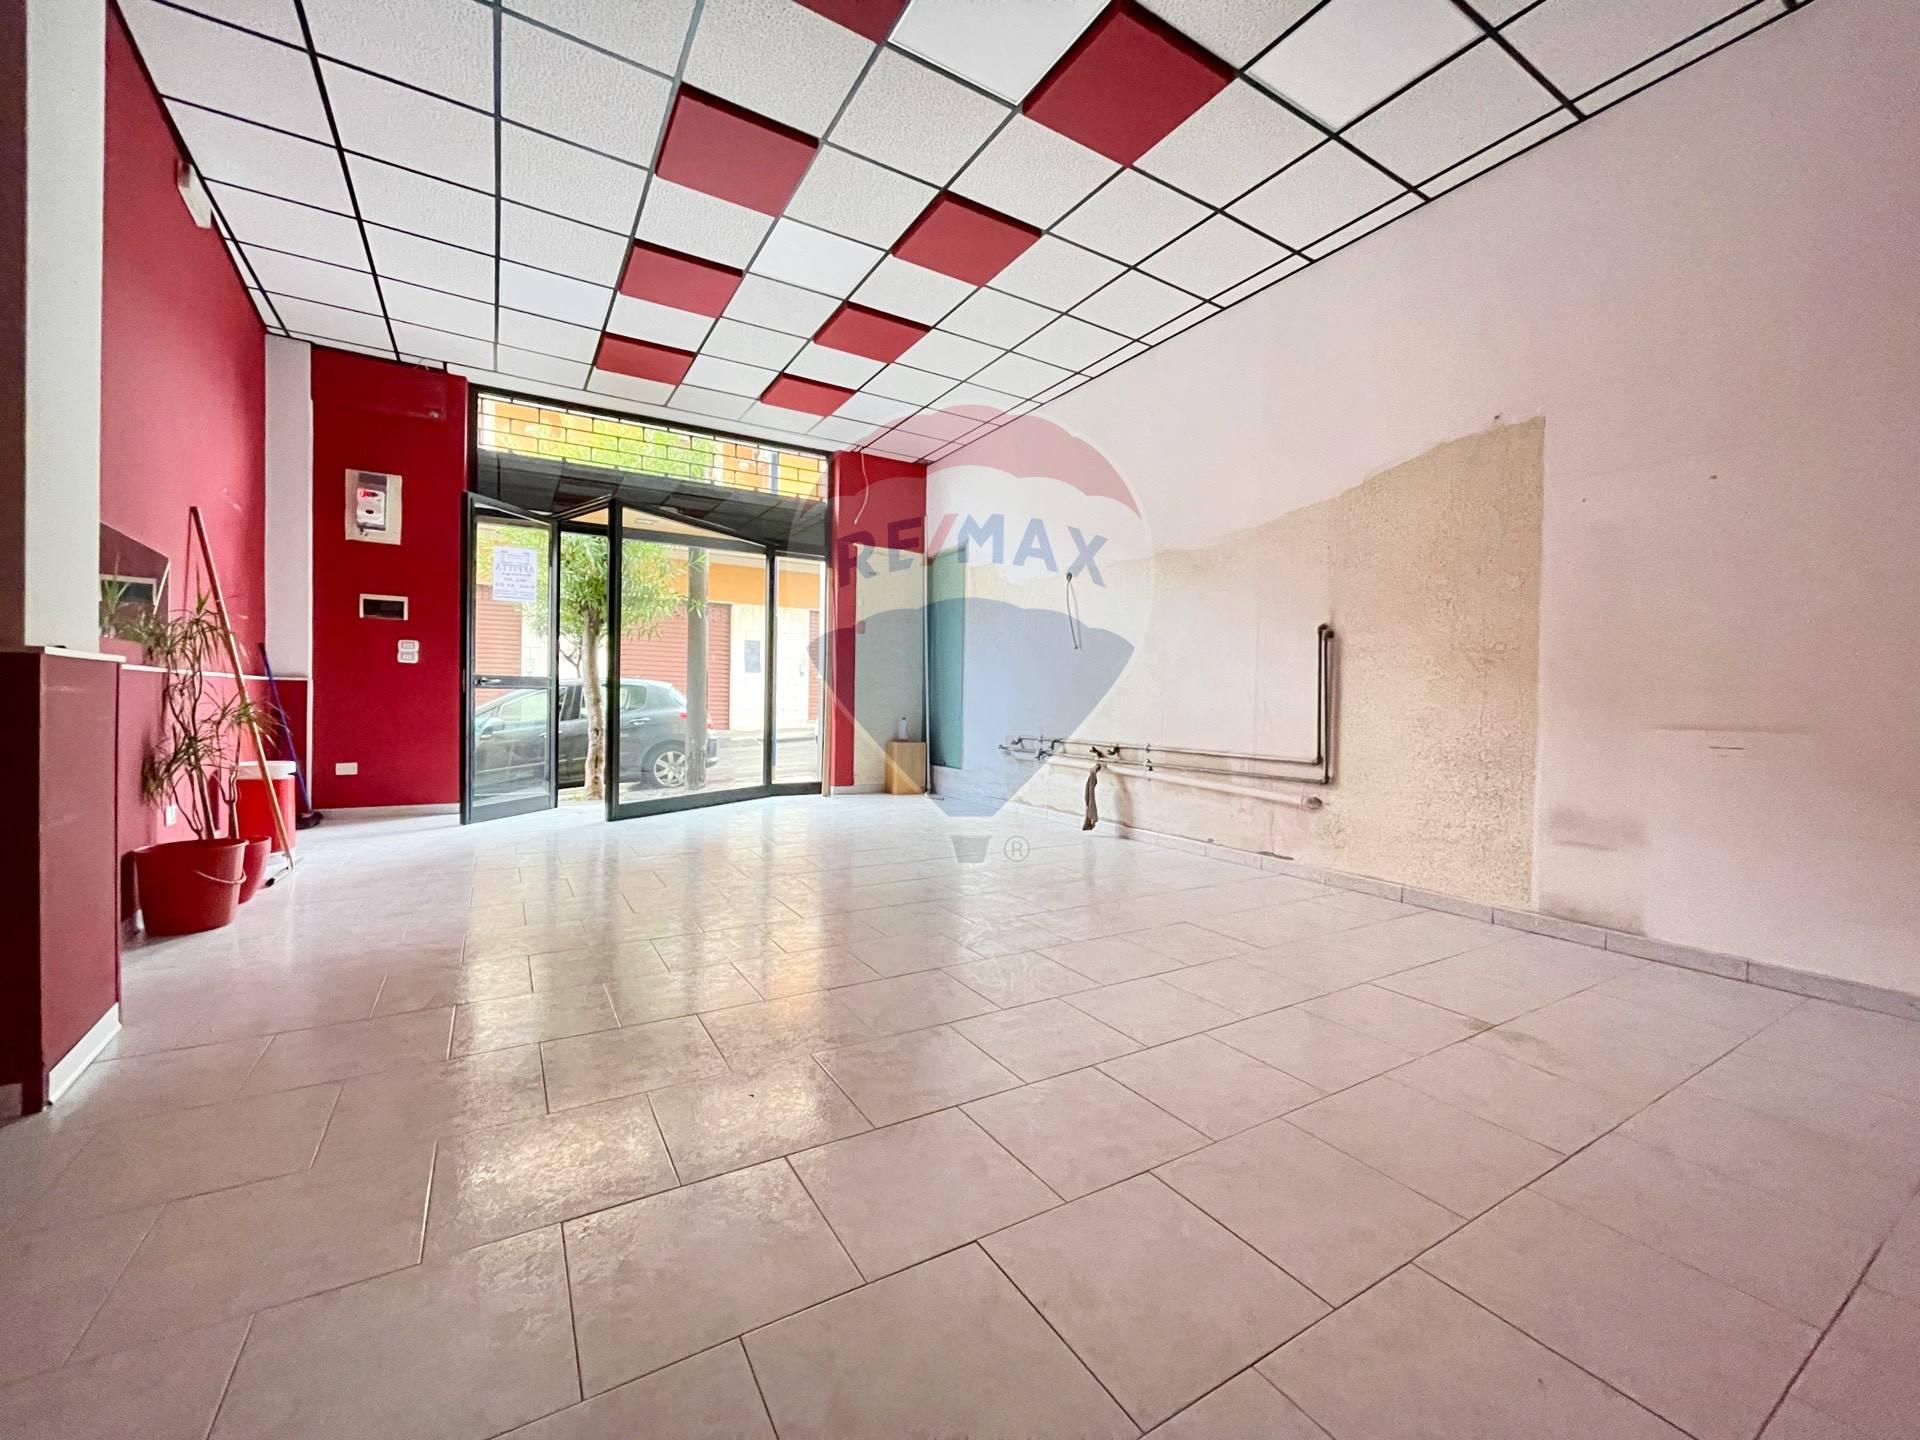 Negozio / Locale in affitto a Pedara, 9999 locali, prezzo € 500 | CambioCasa.it